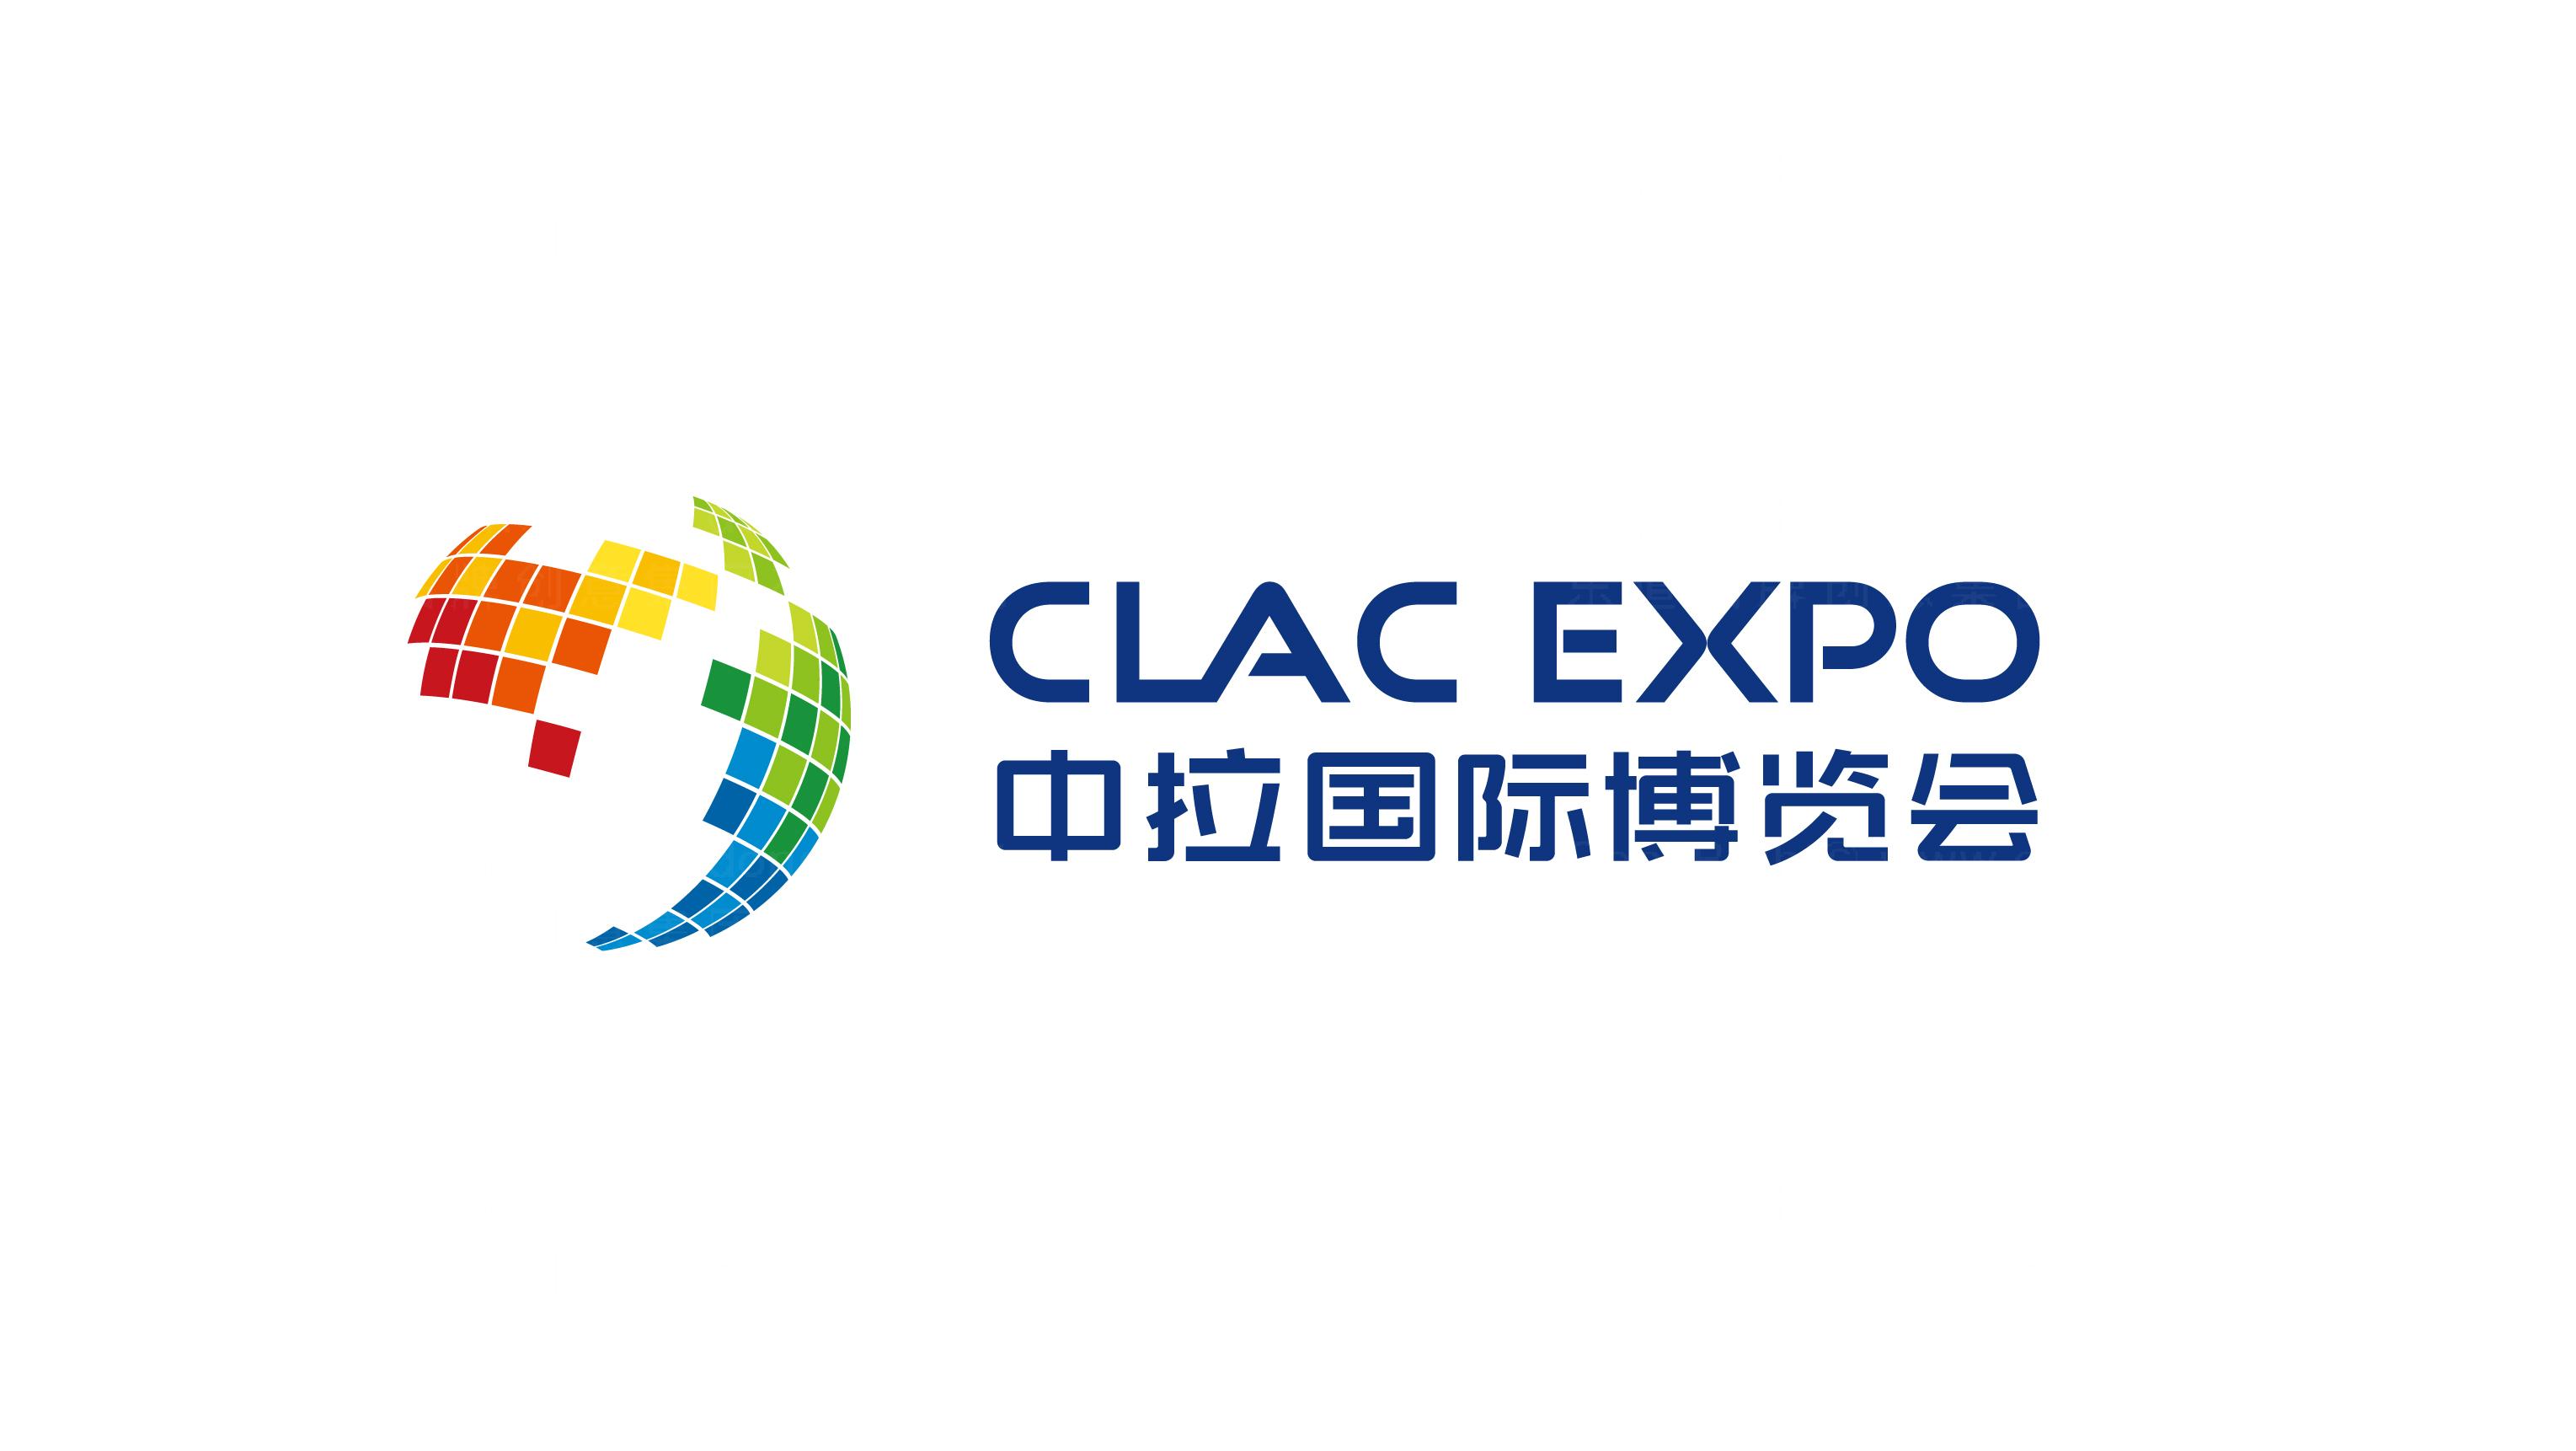 中拉国际博览会logo设计、vi设计